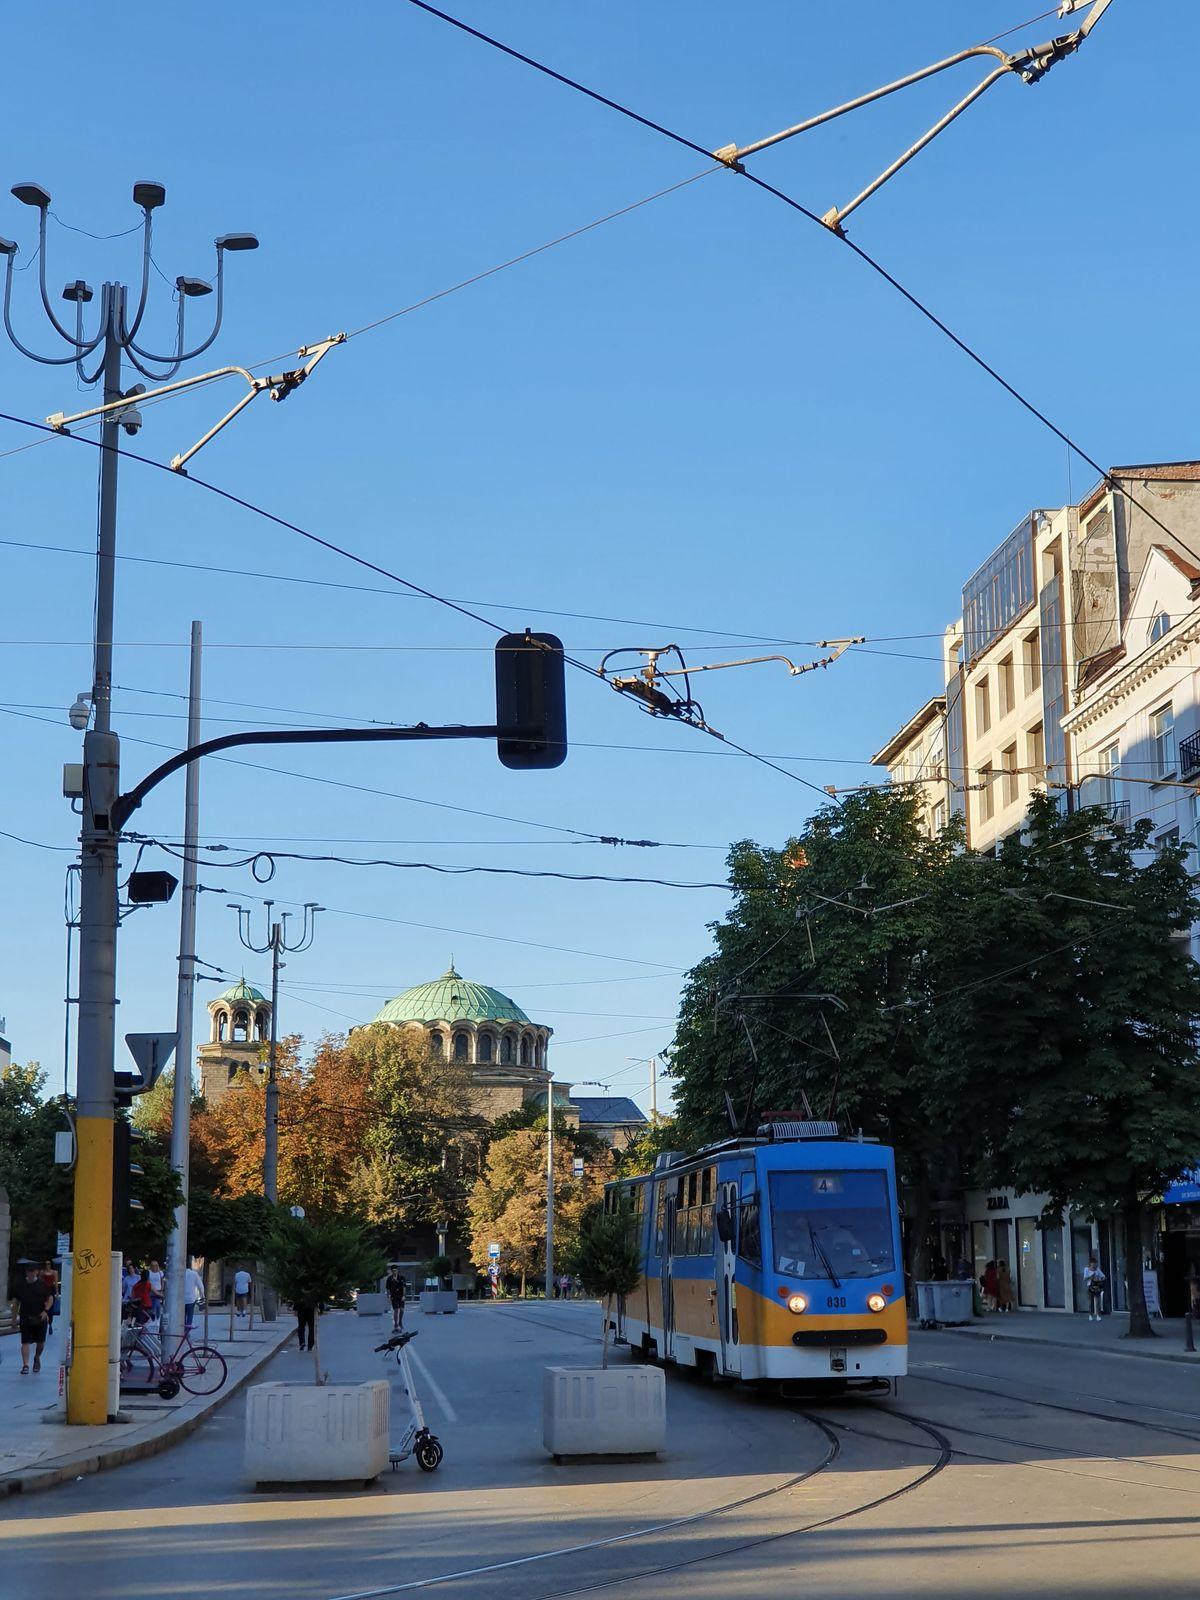 Sofia - Straßenbahn mit Blick auf die Kathedrale Sweta Nedelja